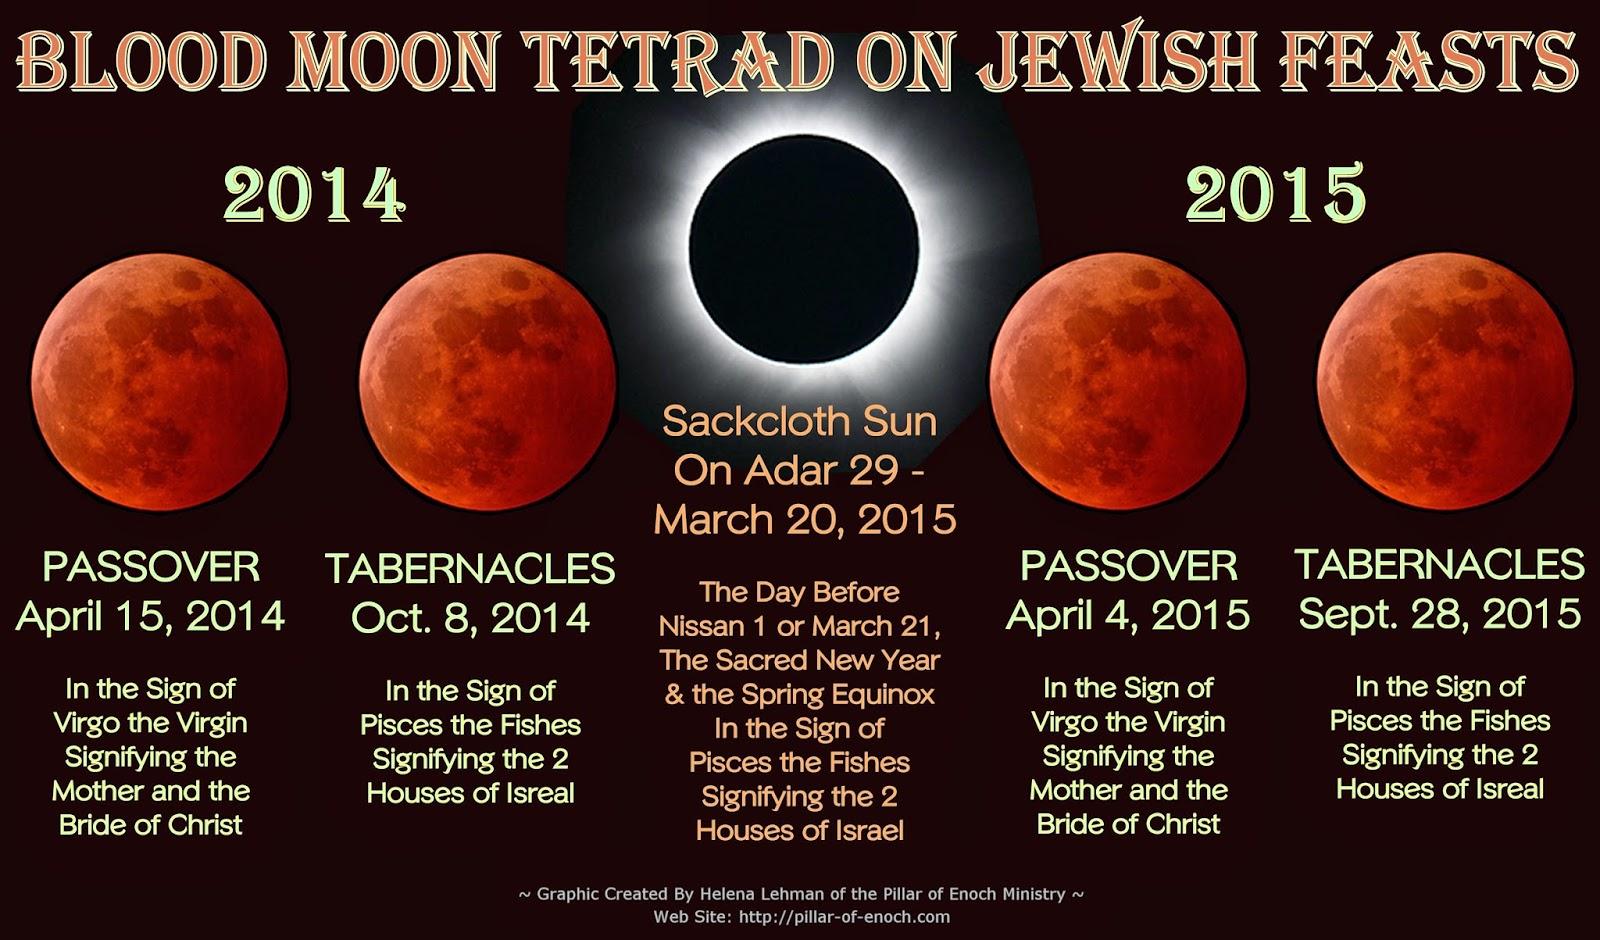 http://1.bp.blogspot.com/-gu3yMZfCEIQ/VG5sgbeKEiI/AAAAAAAACGI/i6blrTdQW6Y/s1600/Blood-Moon-Tetrad-2014-2015_by-Helena-Lehman.jpg